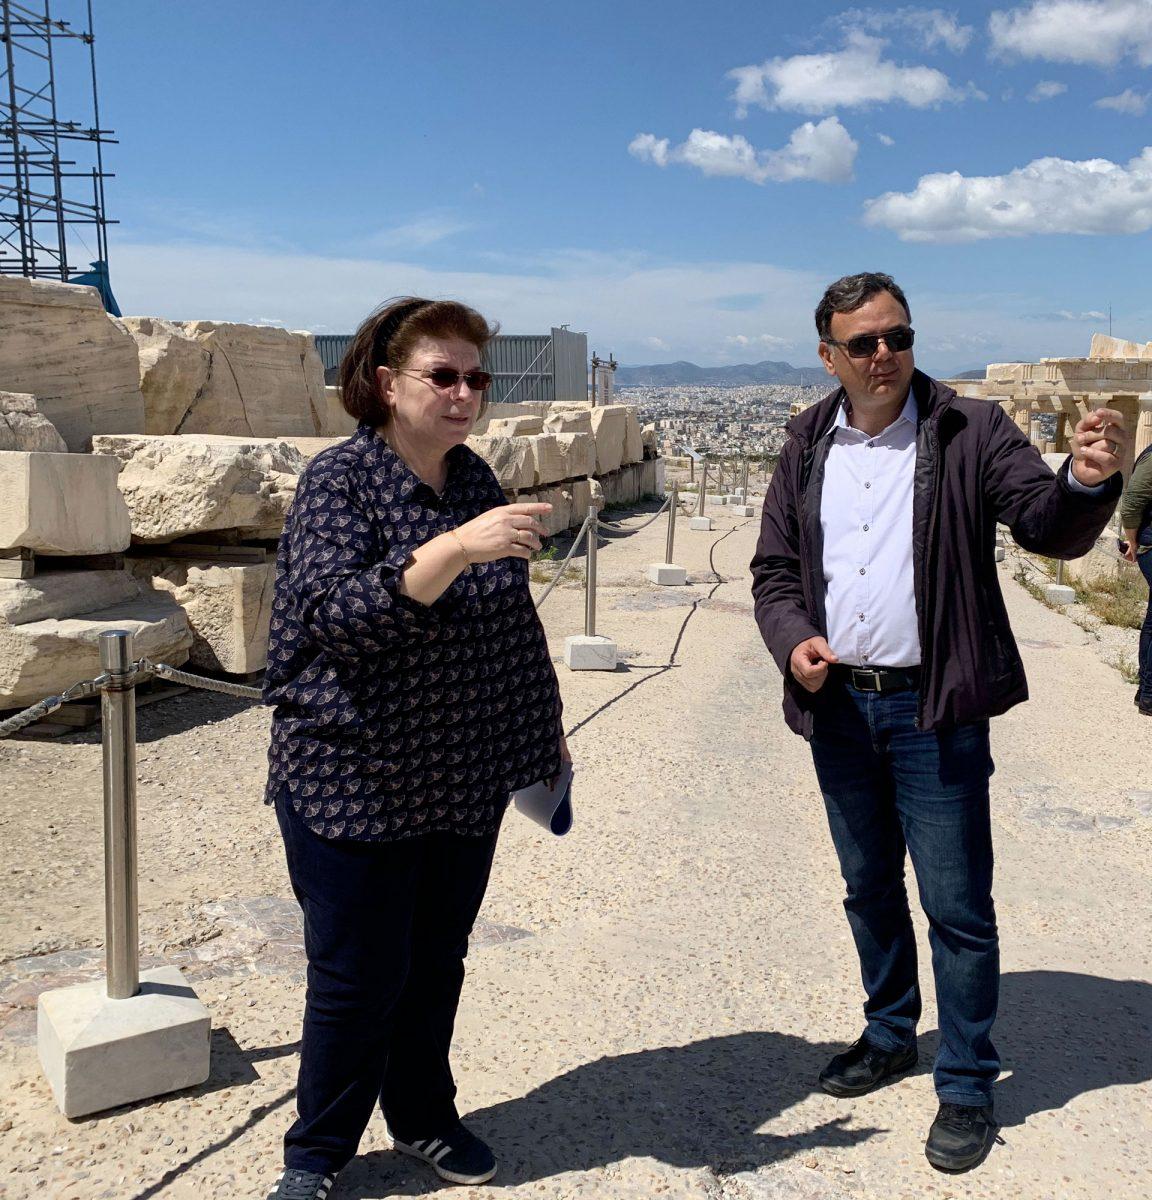 Η Υπουργός Πολιτισμού και Αθλητισμού Λίνα Μενδώνη στην αυτοψία στον αρχαιολογικό χώρο της Ακρόπολης με τον ΓΓ Πολιτισμού (φωτ.: ΥΠΠΟΑ).